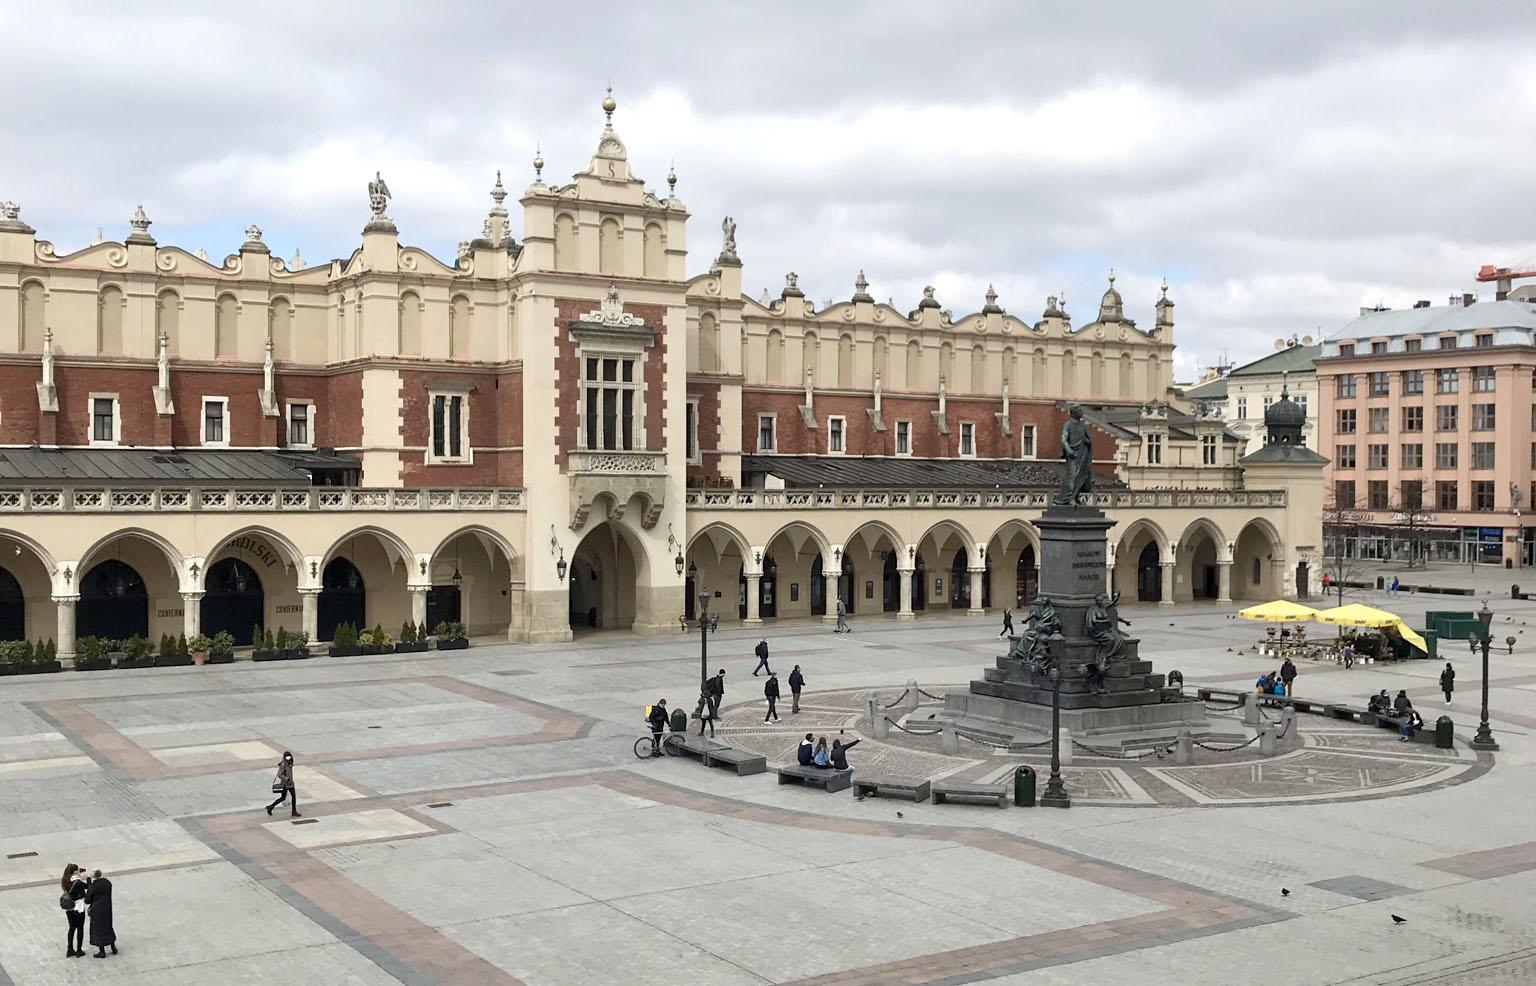 Widok na Rynek Główny z pomnikiem Adama Mickiewicza, fot. Karolina Bańkowska